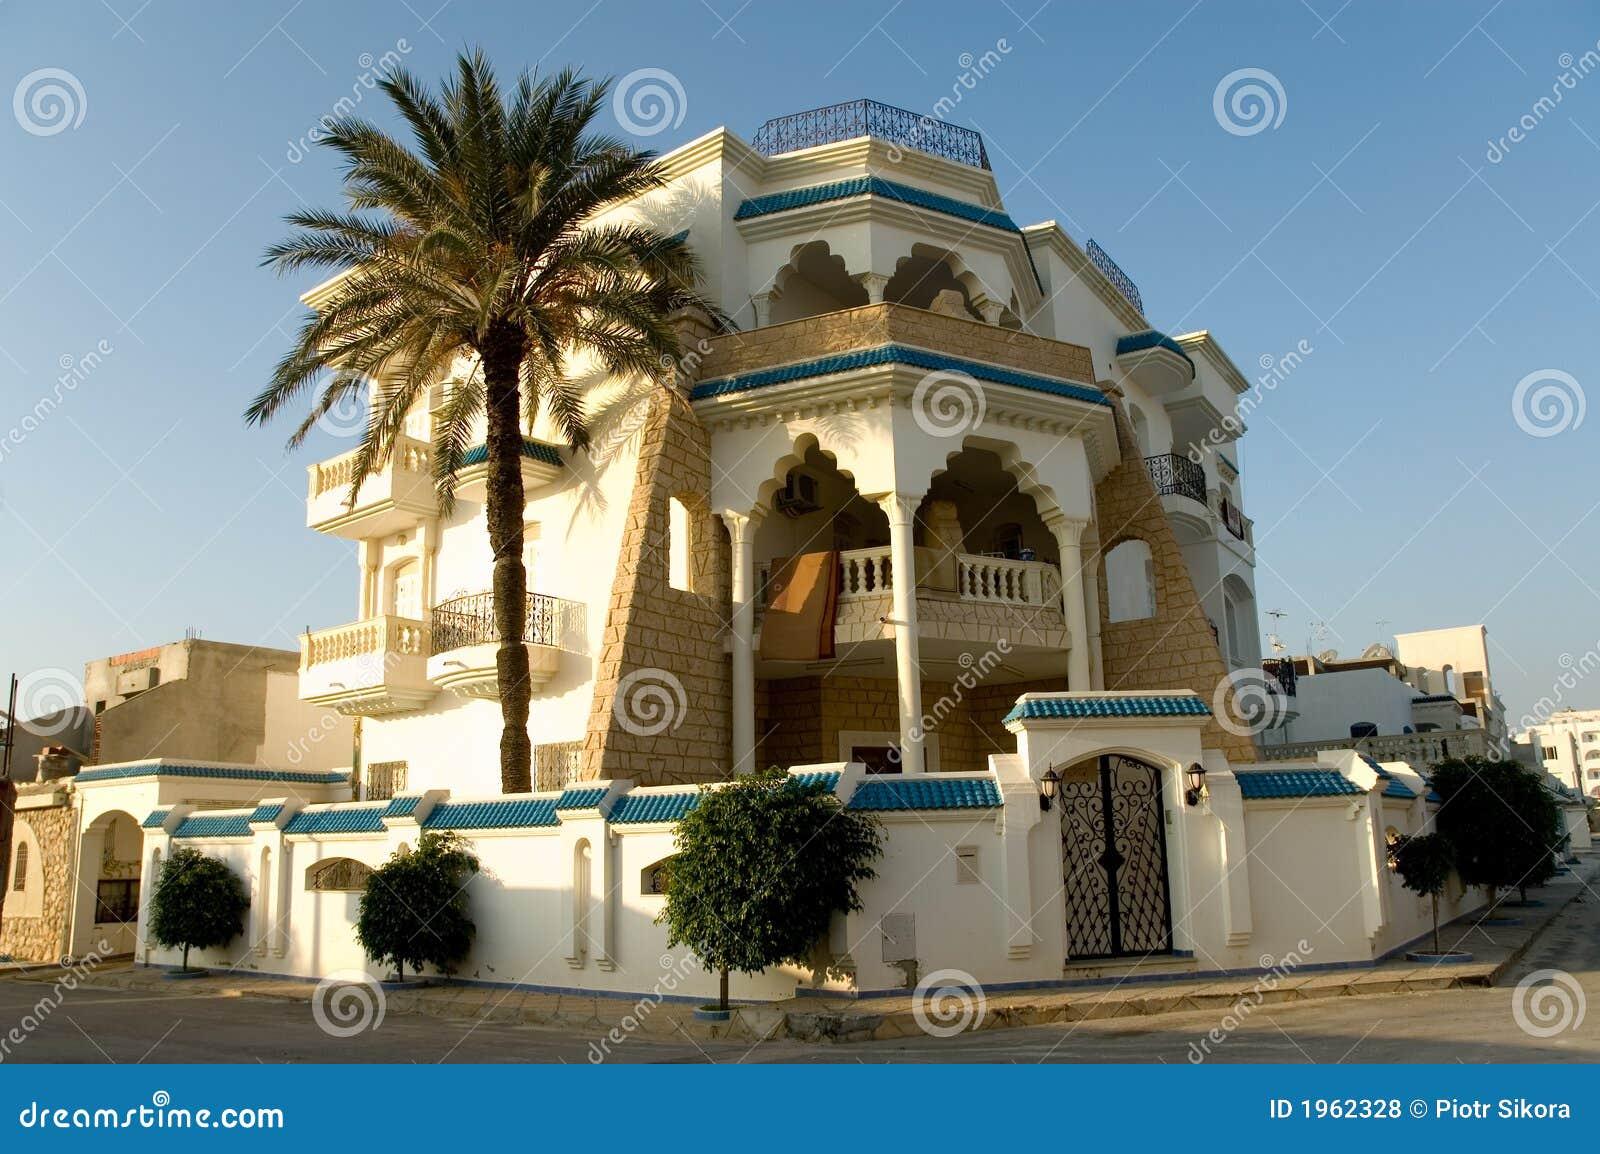 Maison arabe au lever de soleil horizontal photo stock for Architecture maison arabe